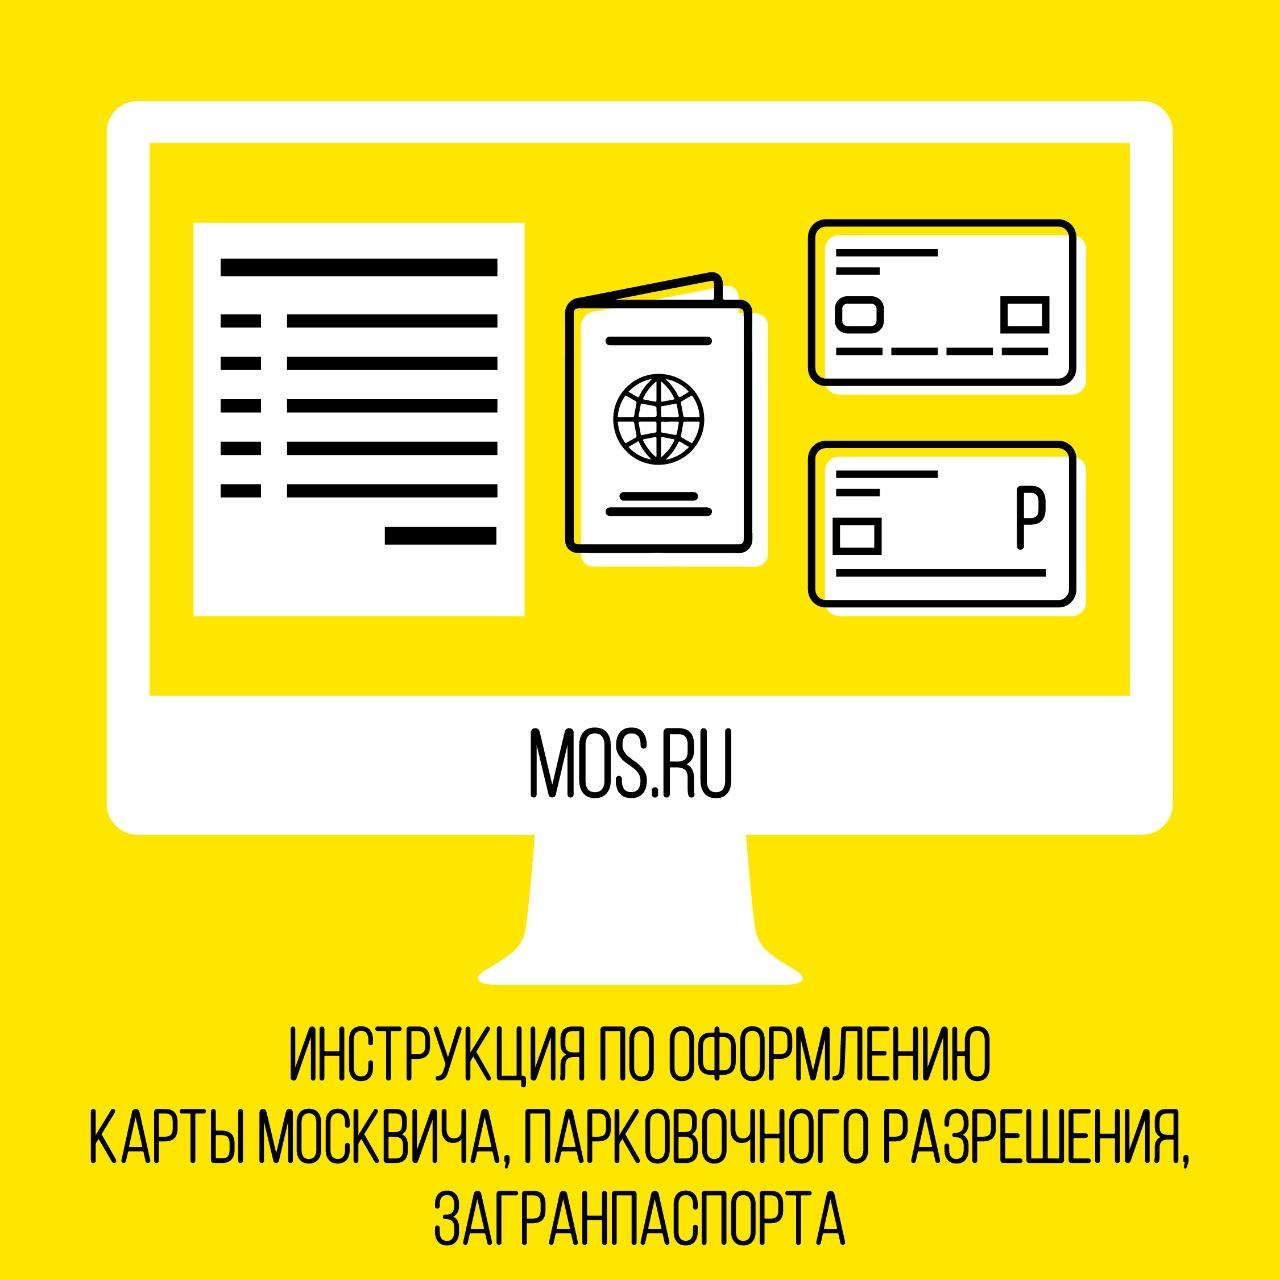 Понятные инструкции помогут разобраться с получением электронных услуг на mos.ru